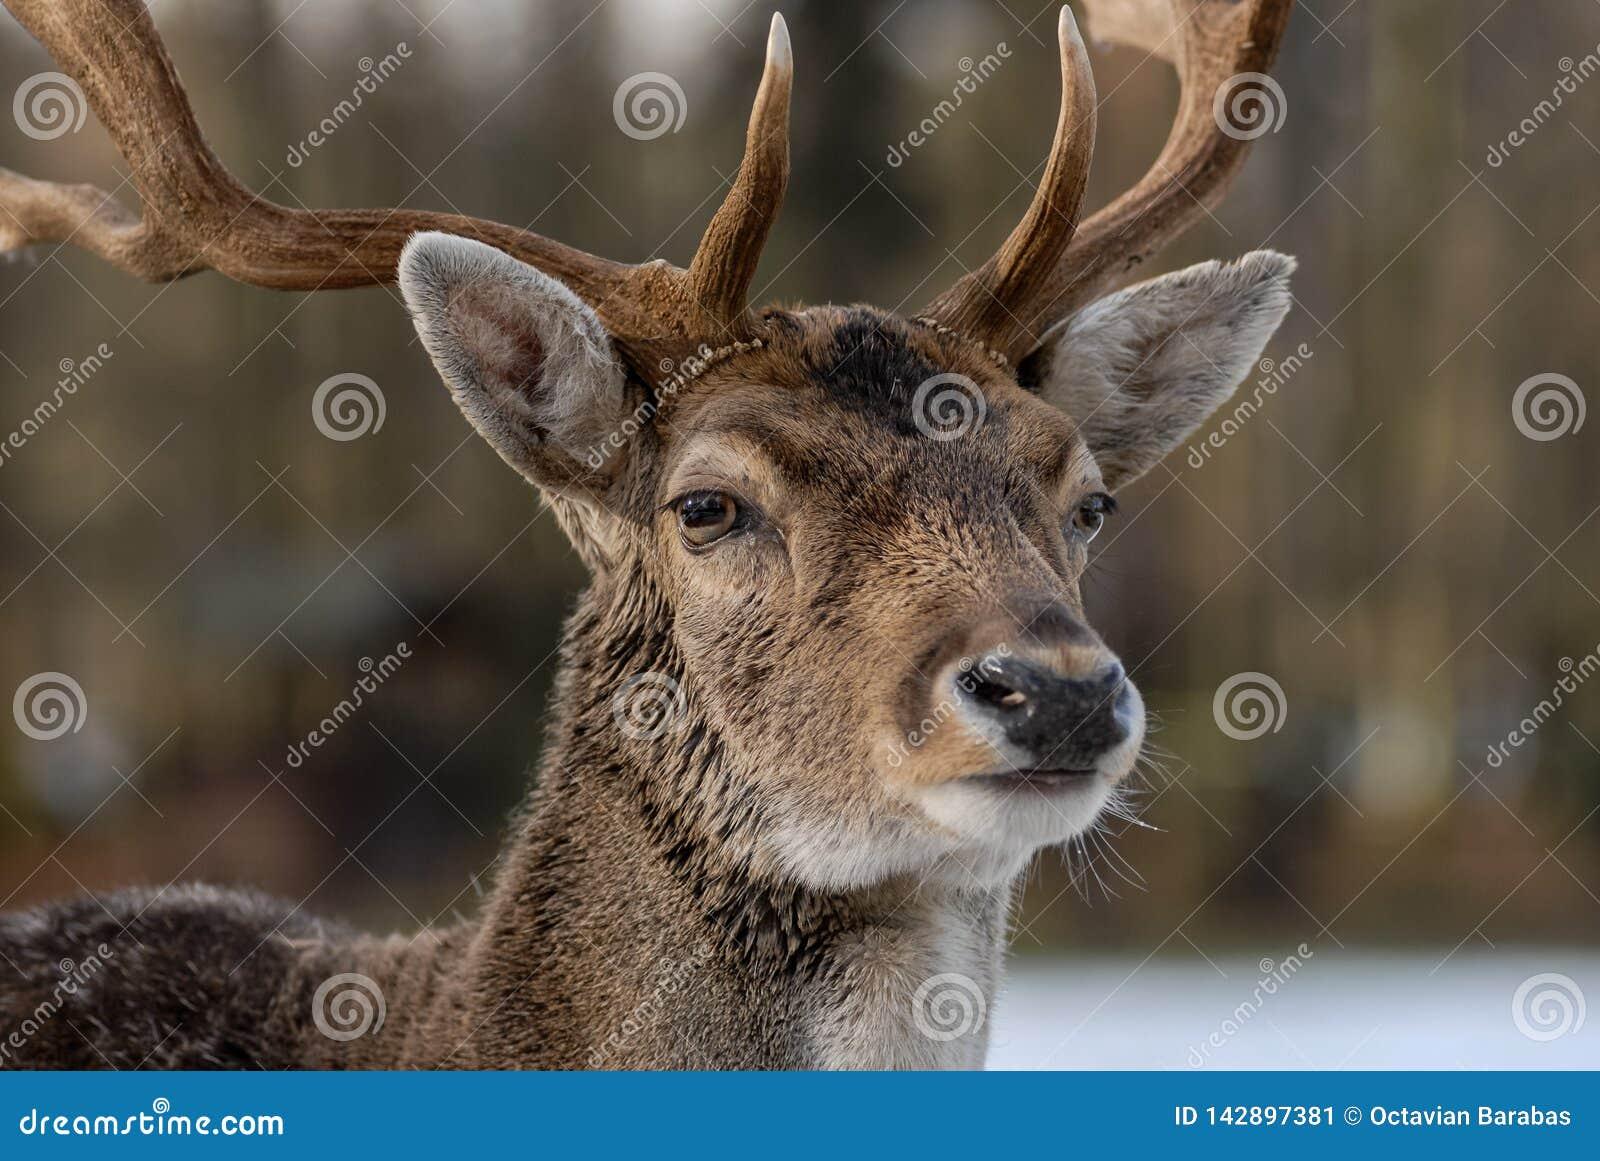 Portret van herten in het bos met onscherpe achtergrond